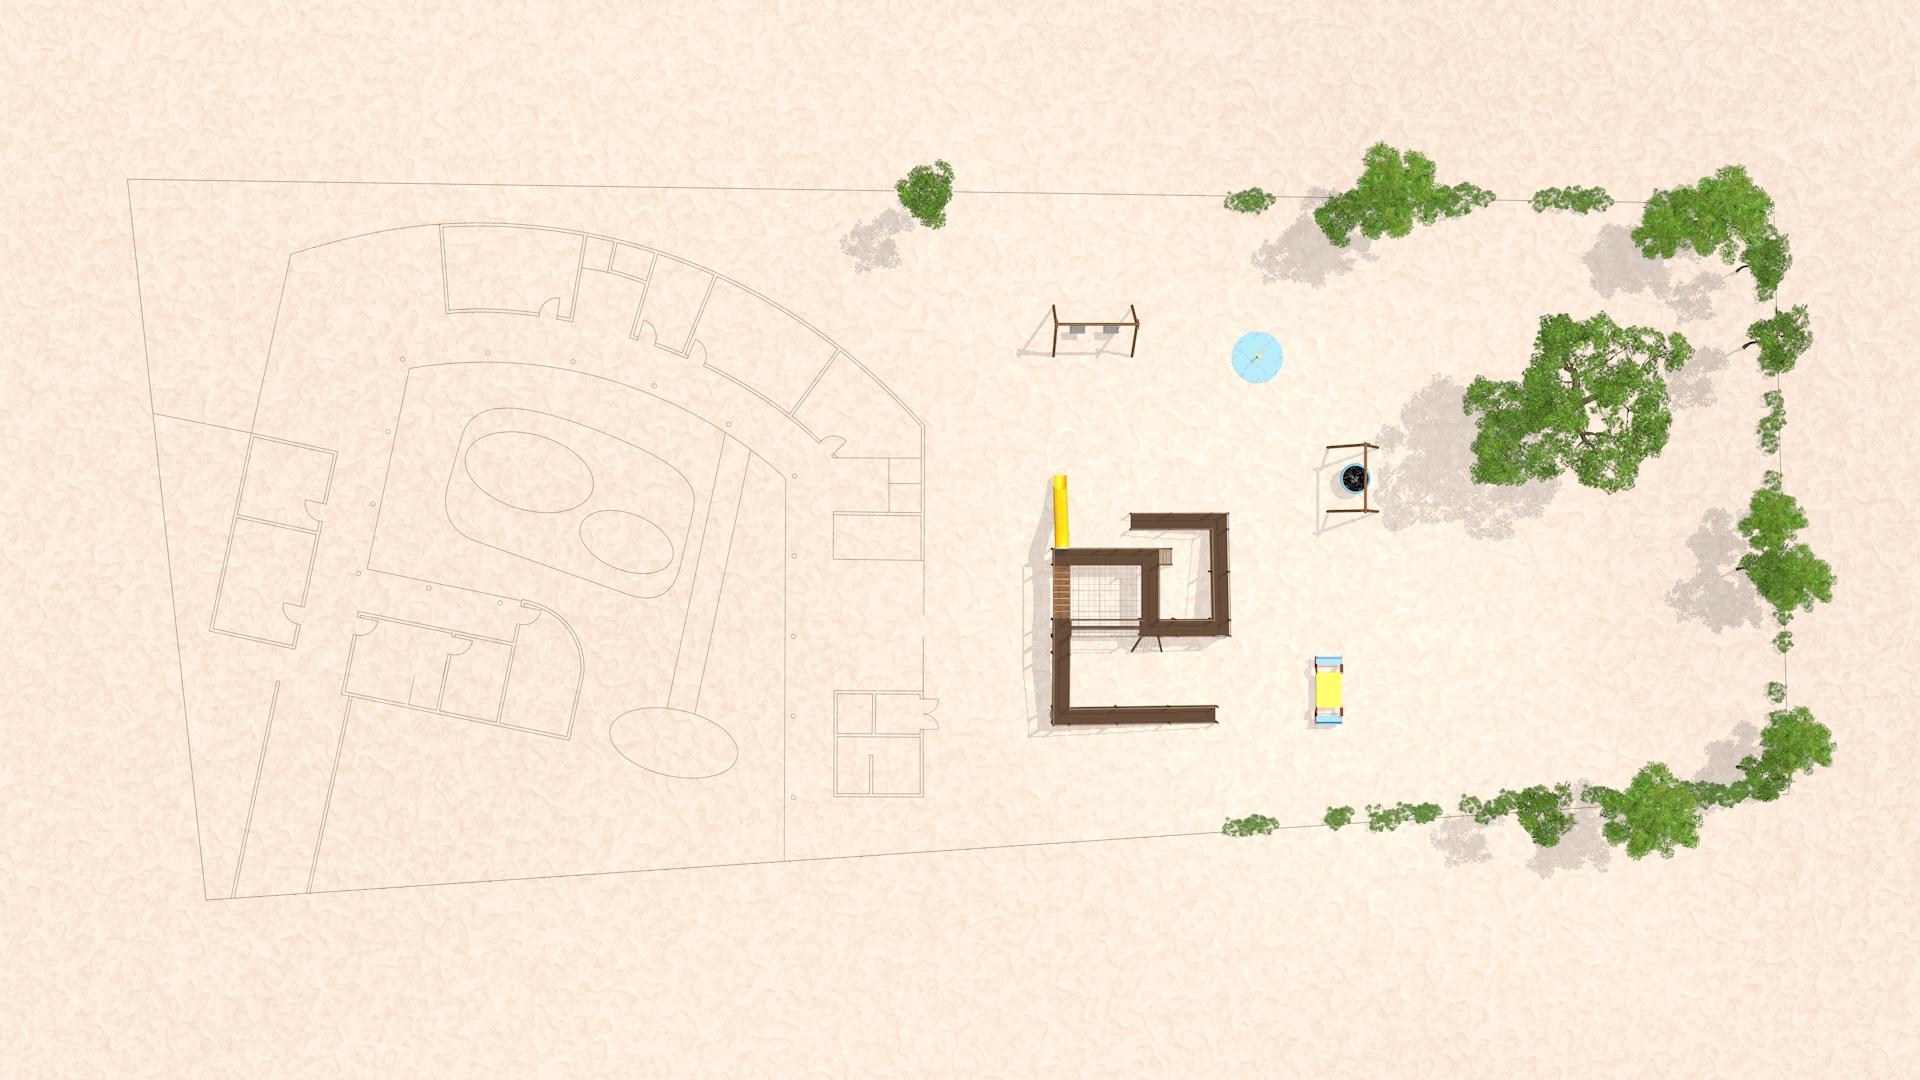 DA_playground_still_01.jpg